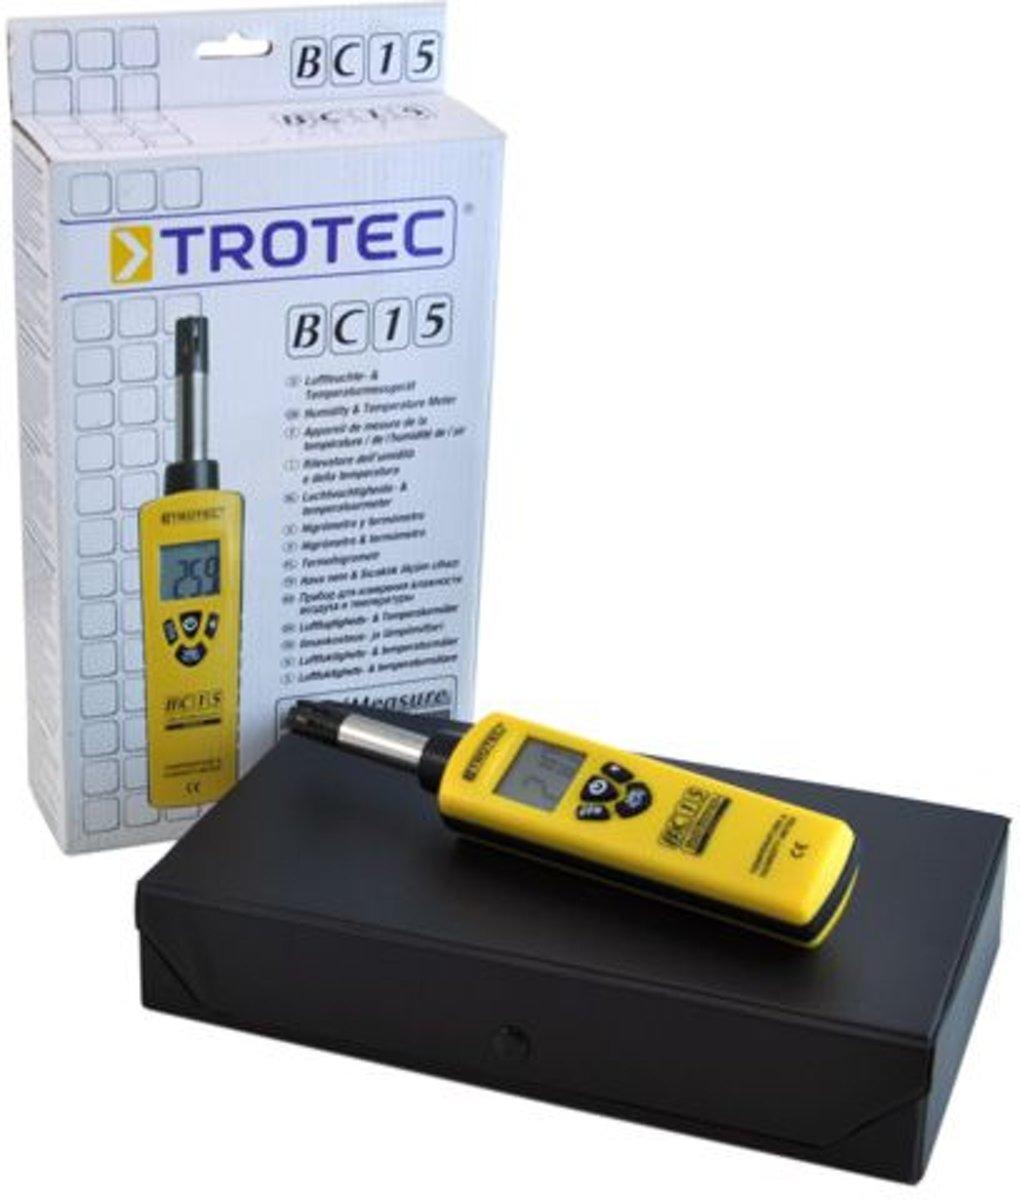 Trinatech BC 15 Thermo hygrometer kopen